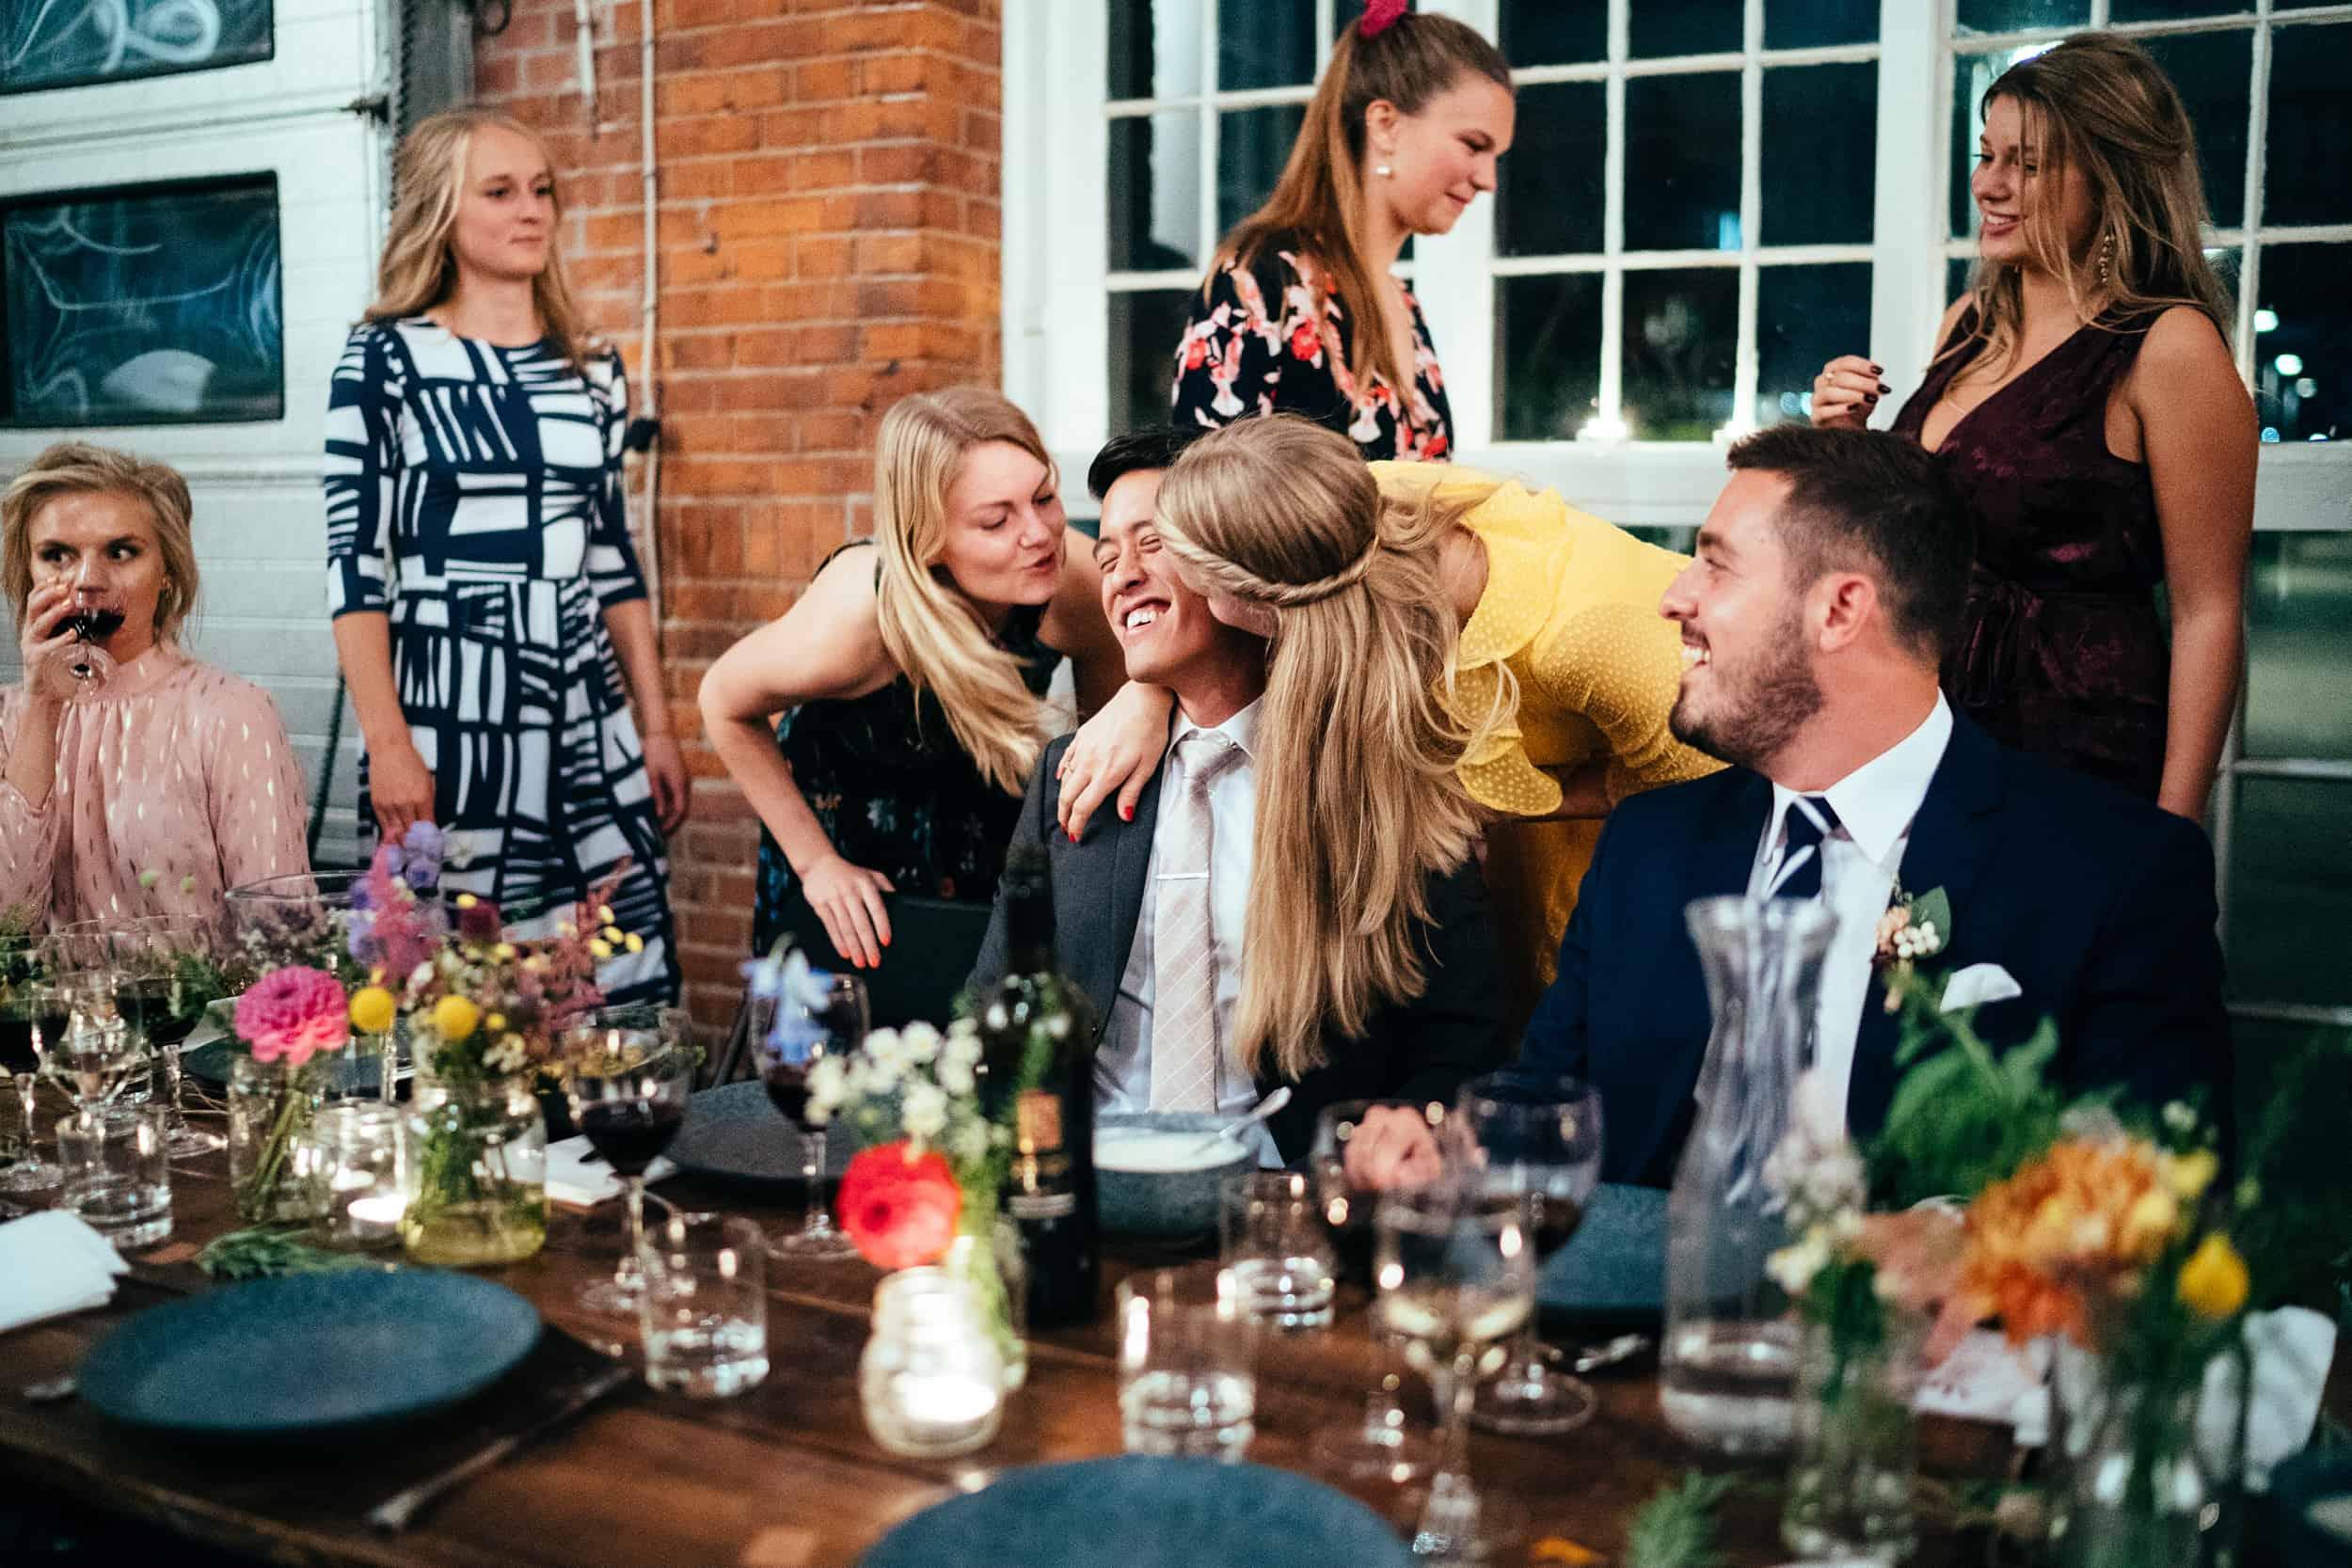 brudgom-bliver-kysset-af-bryllupsgæster.jpg